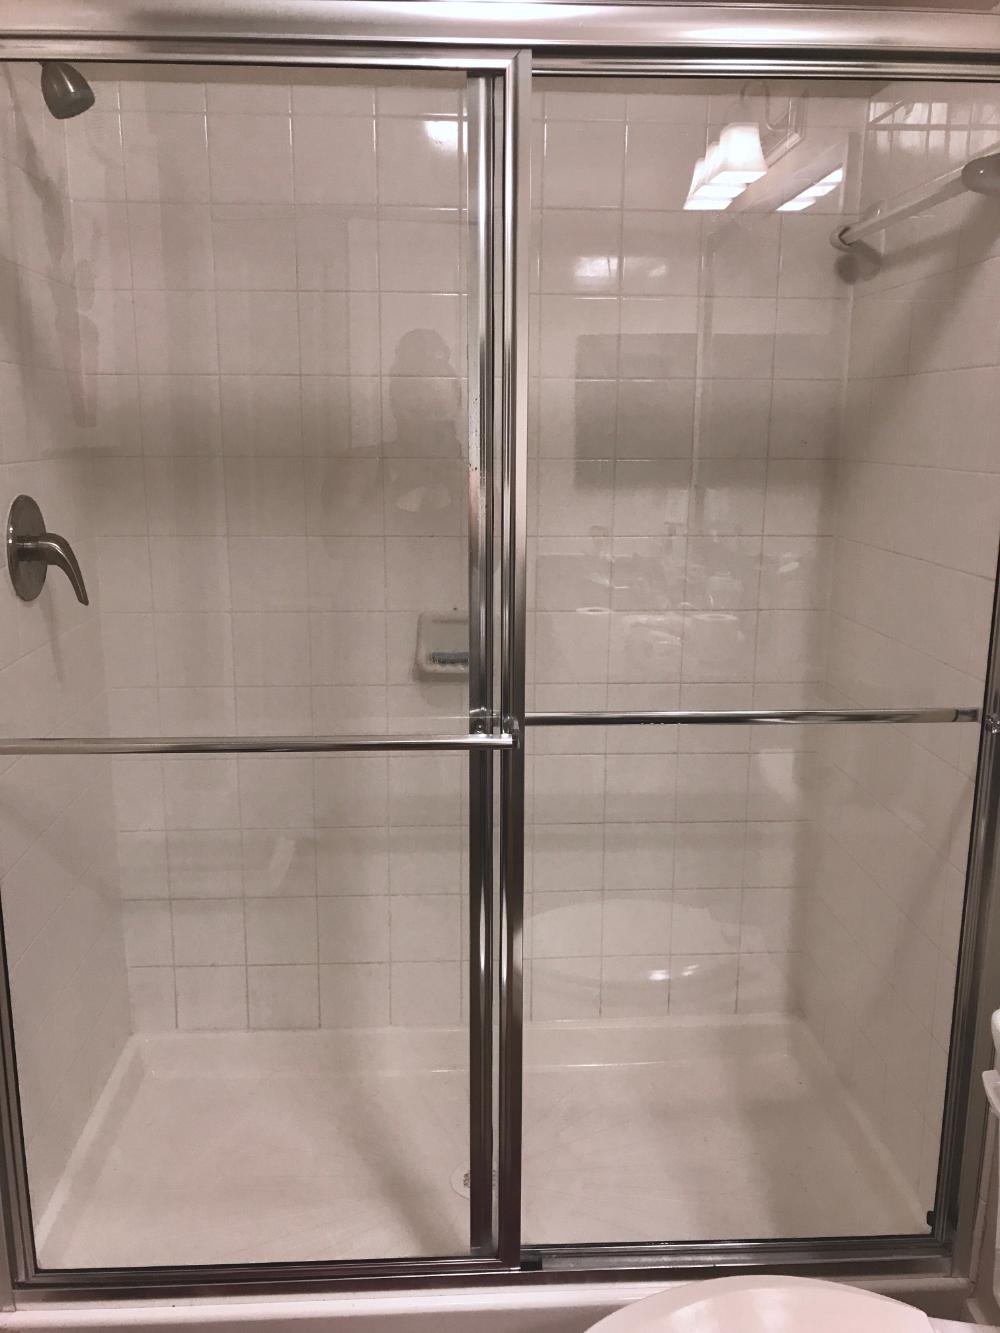 The Best Shower Cleaner Ever Diy Shower Cleaner Best Shower Cleaner House Cleaning Tips